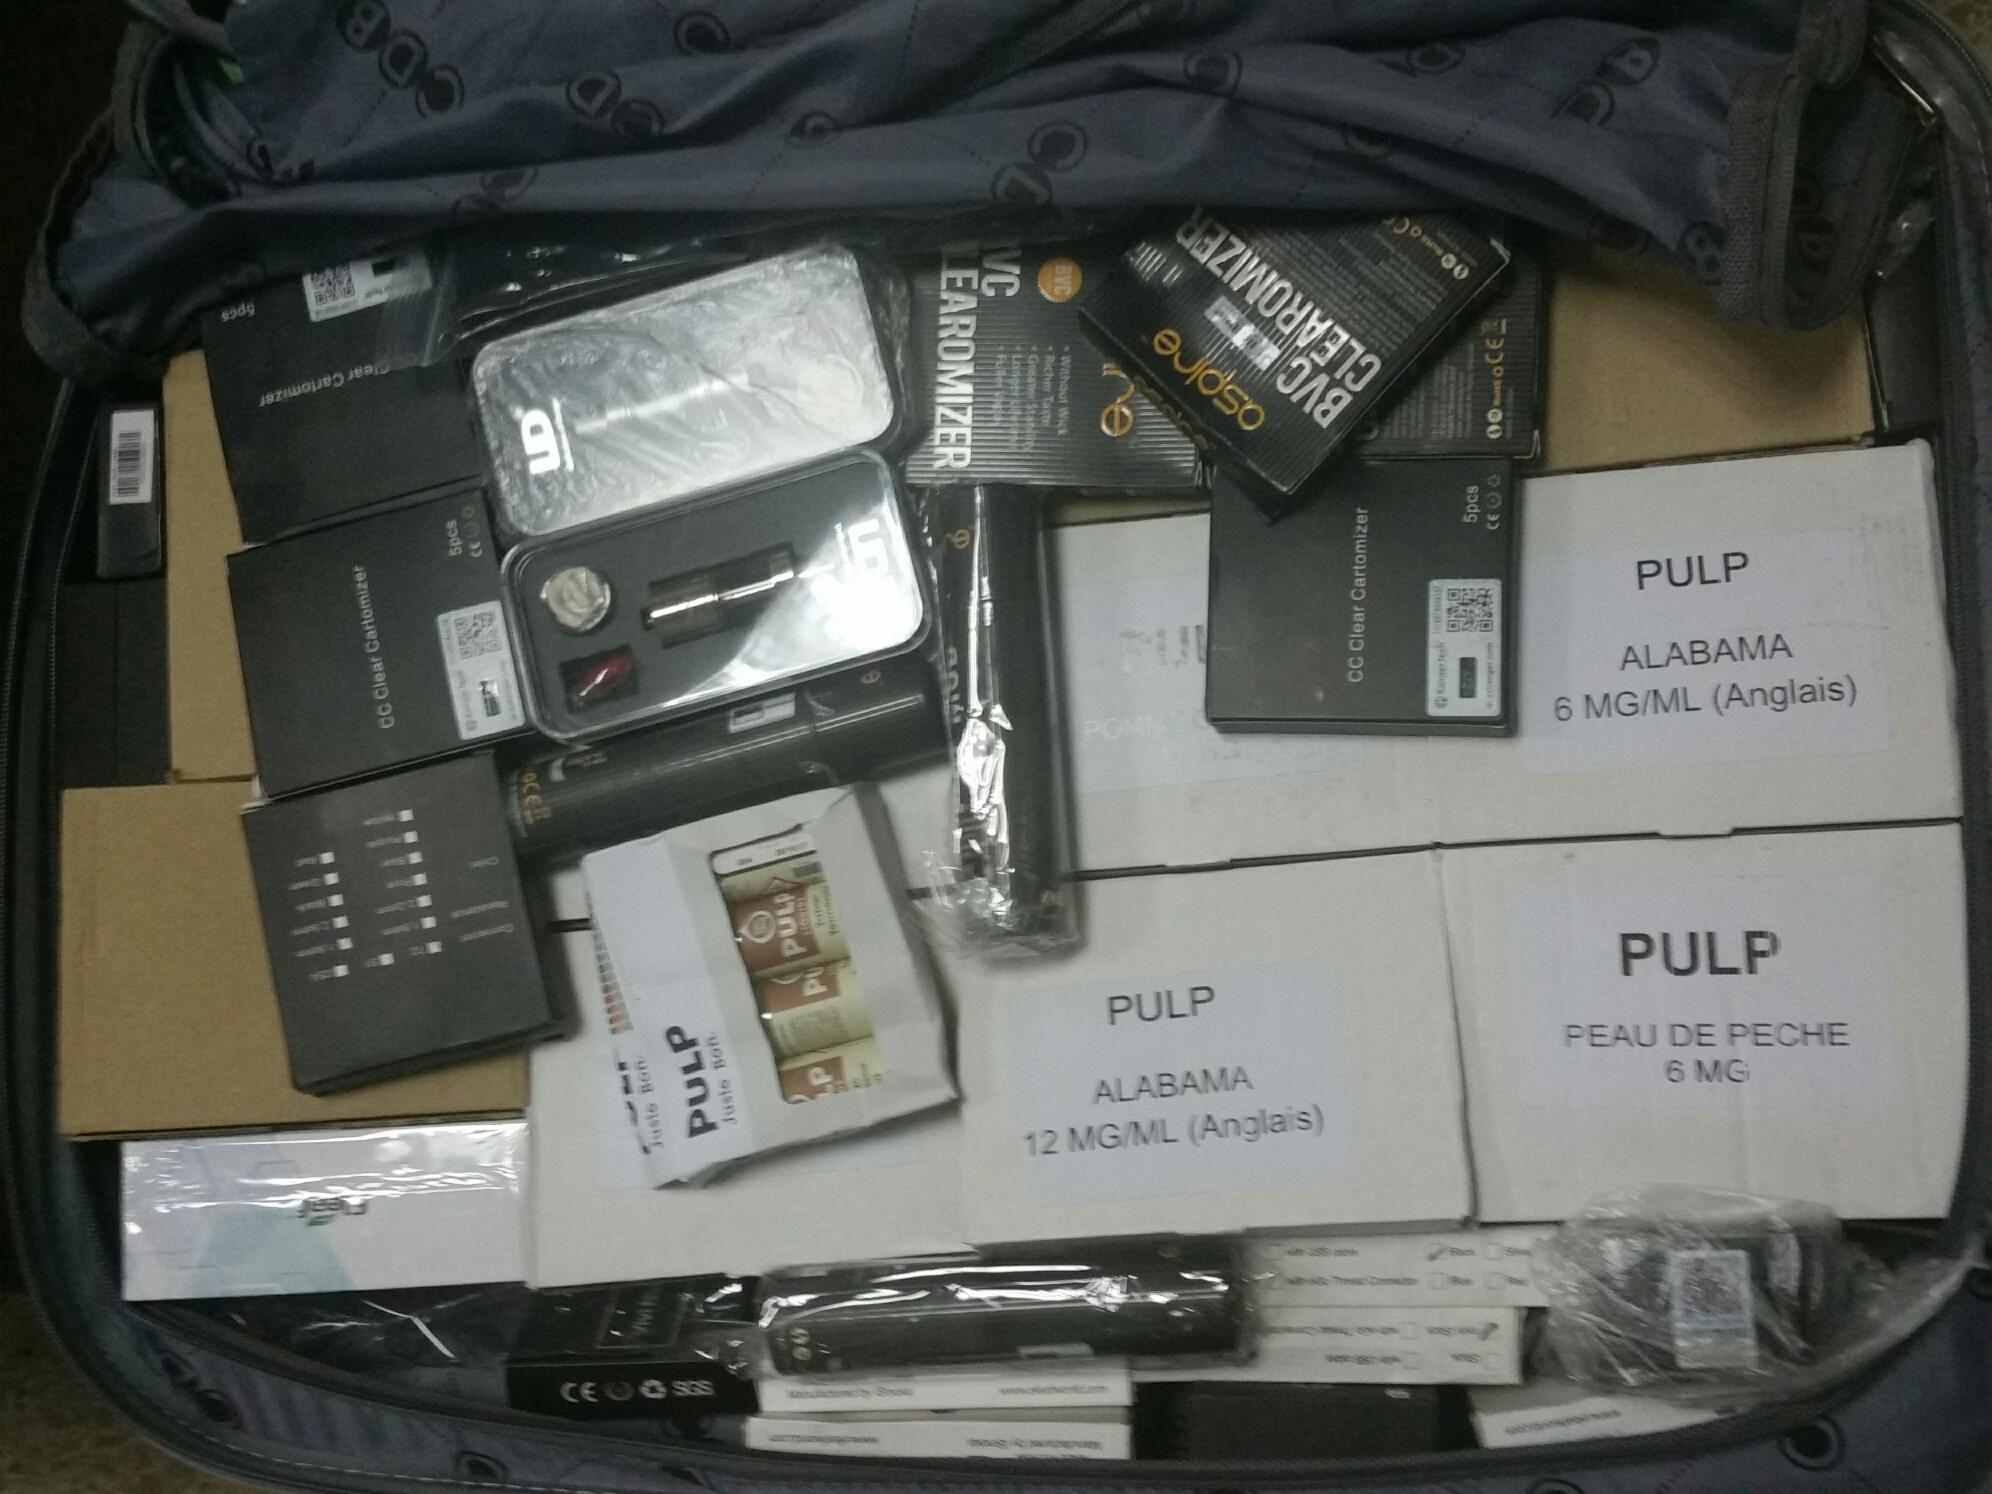 حجز كمية كبيرة من السجائر الإلكترونية بمطار المسيرة باكدير.